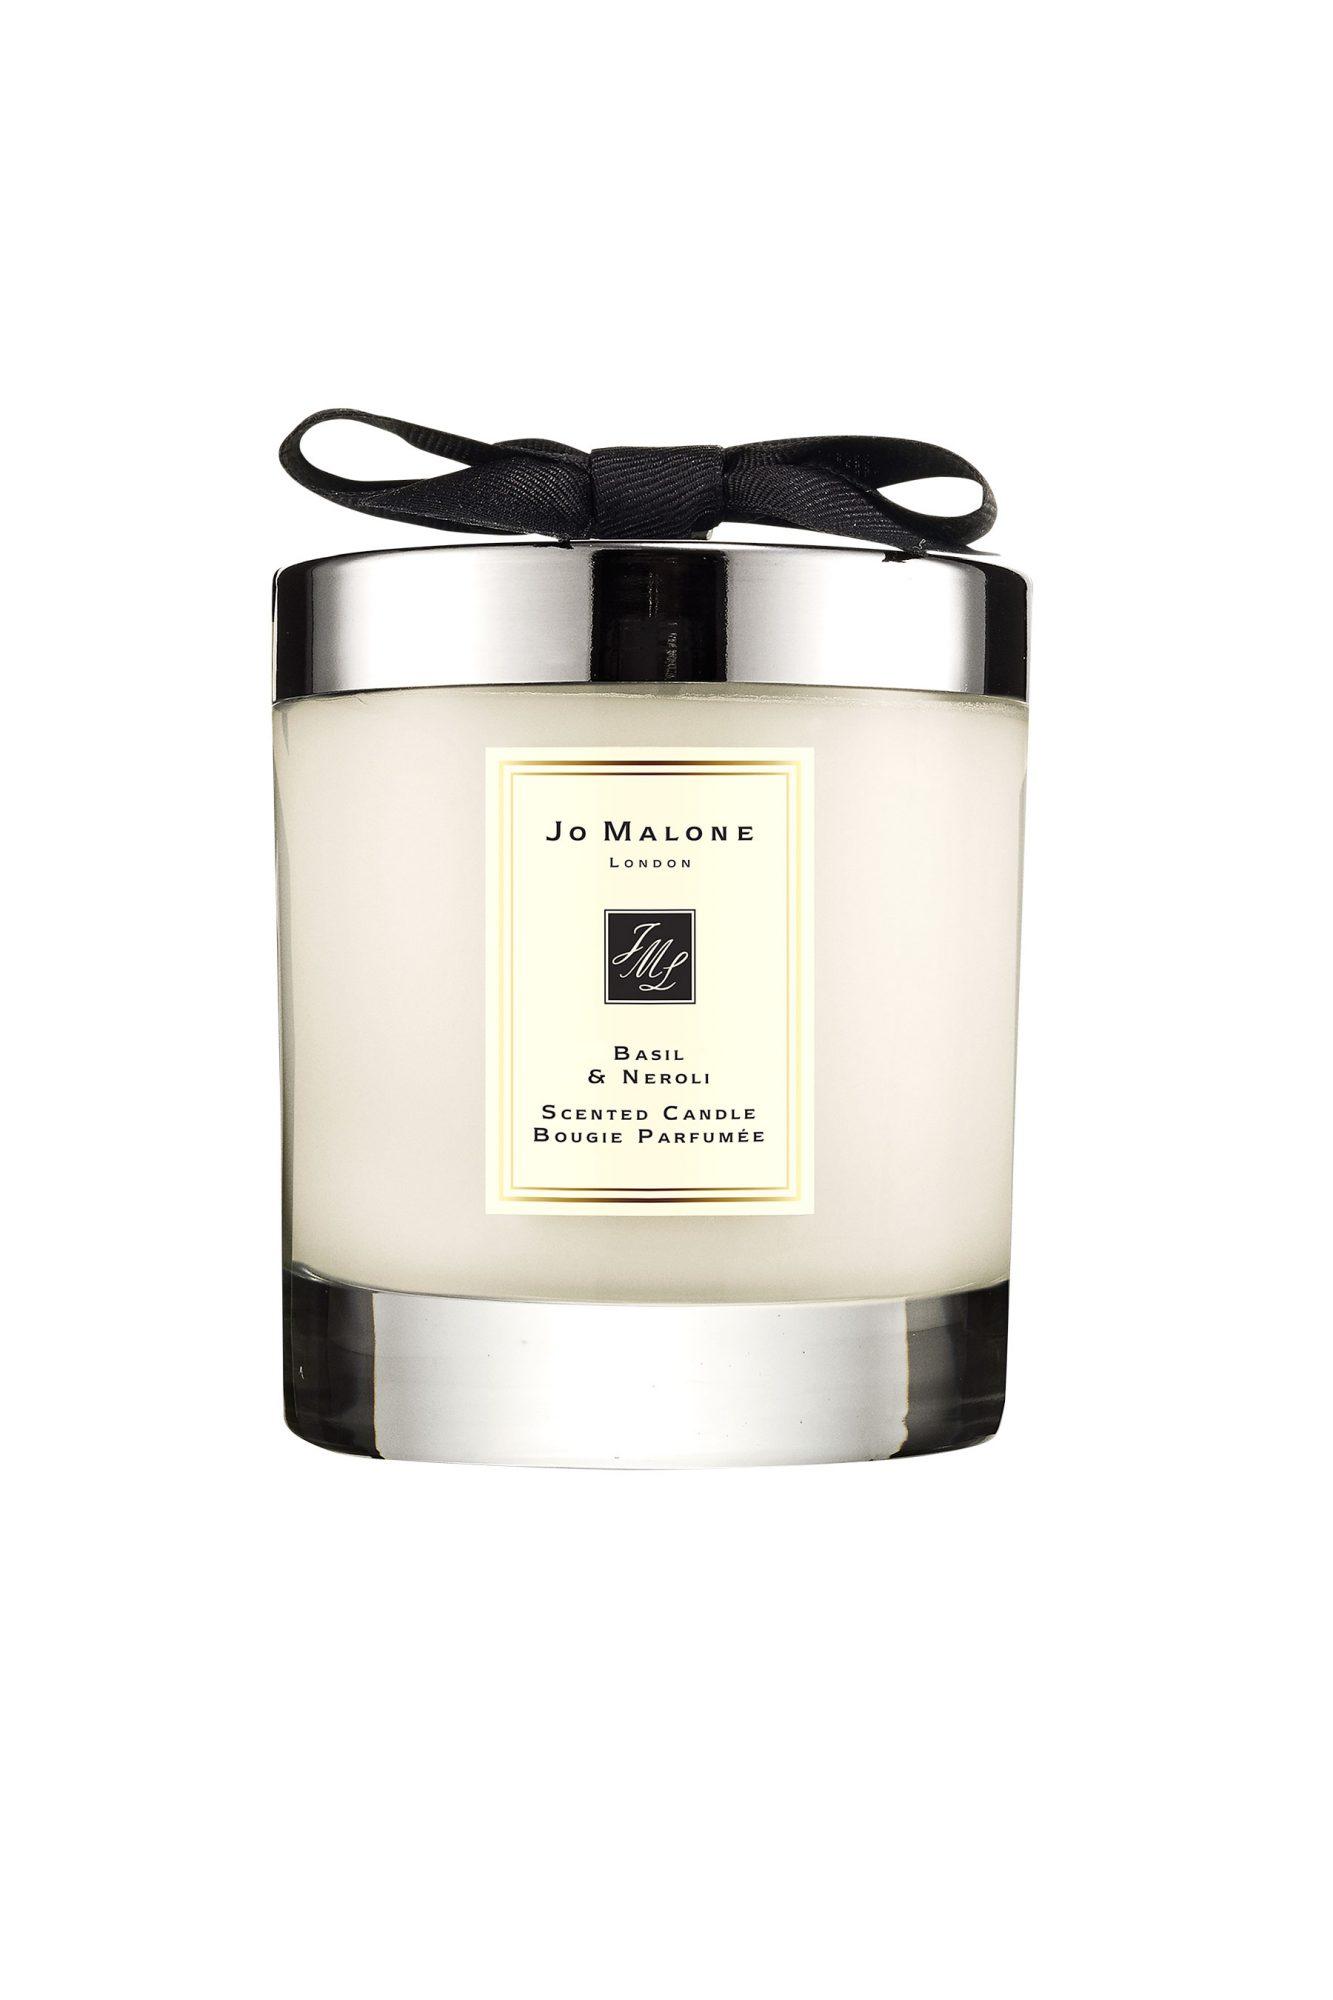 Candle by Jo Malone London